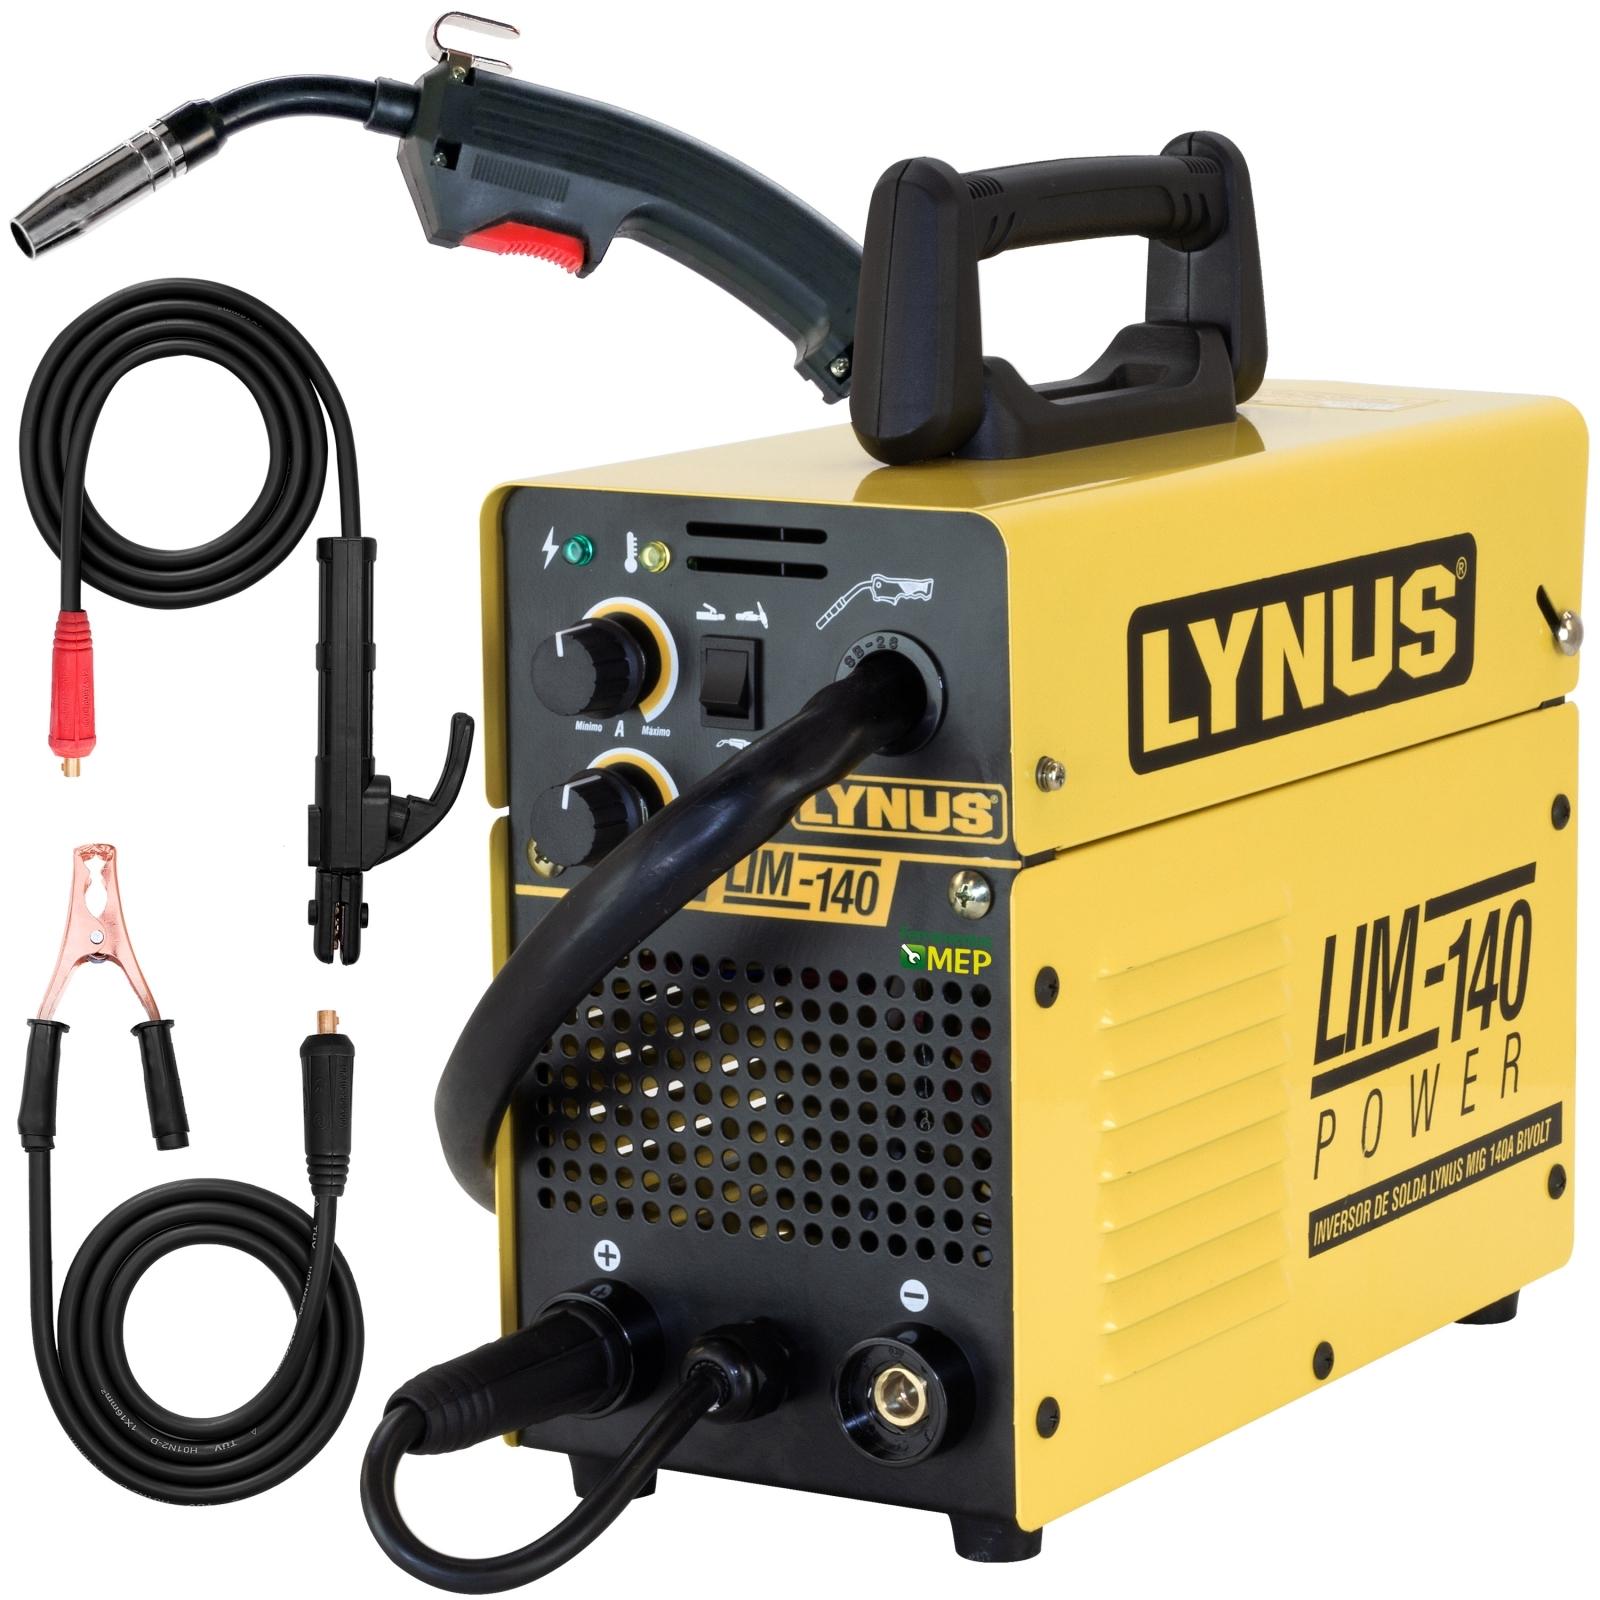 Inversora De Solda Mig 140a Bivolt Tig Eletrodo Portatil Ly9 - Ferramentas MEP